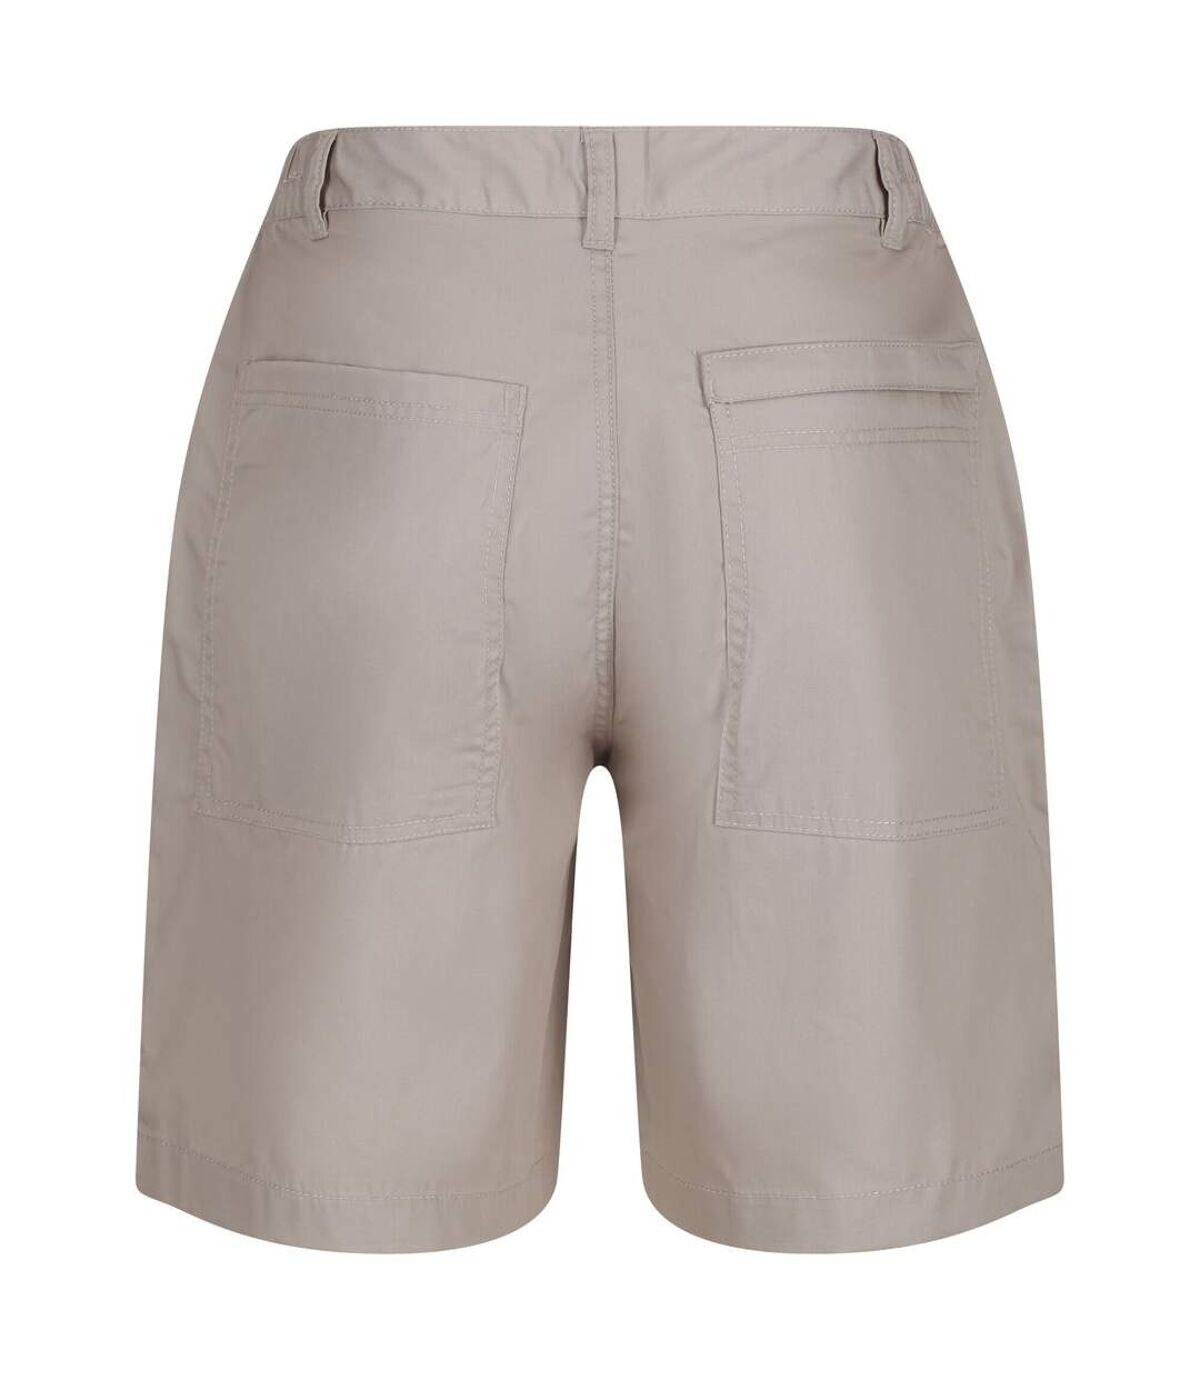 Regatta Mens New Action Shorts (Navy) - UTRG1500